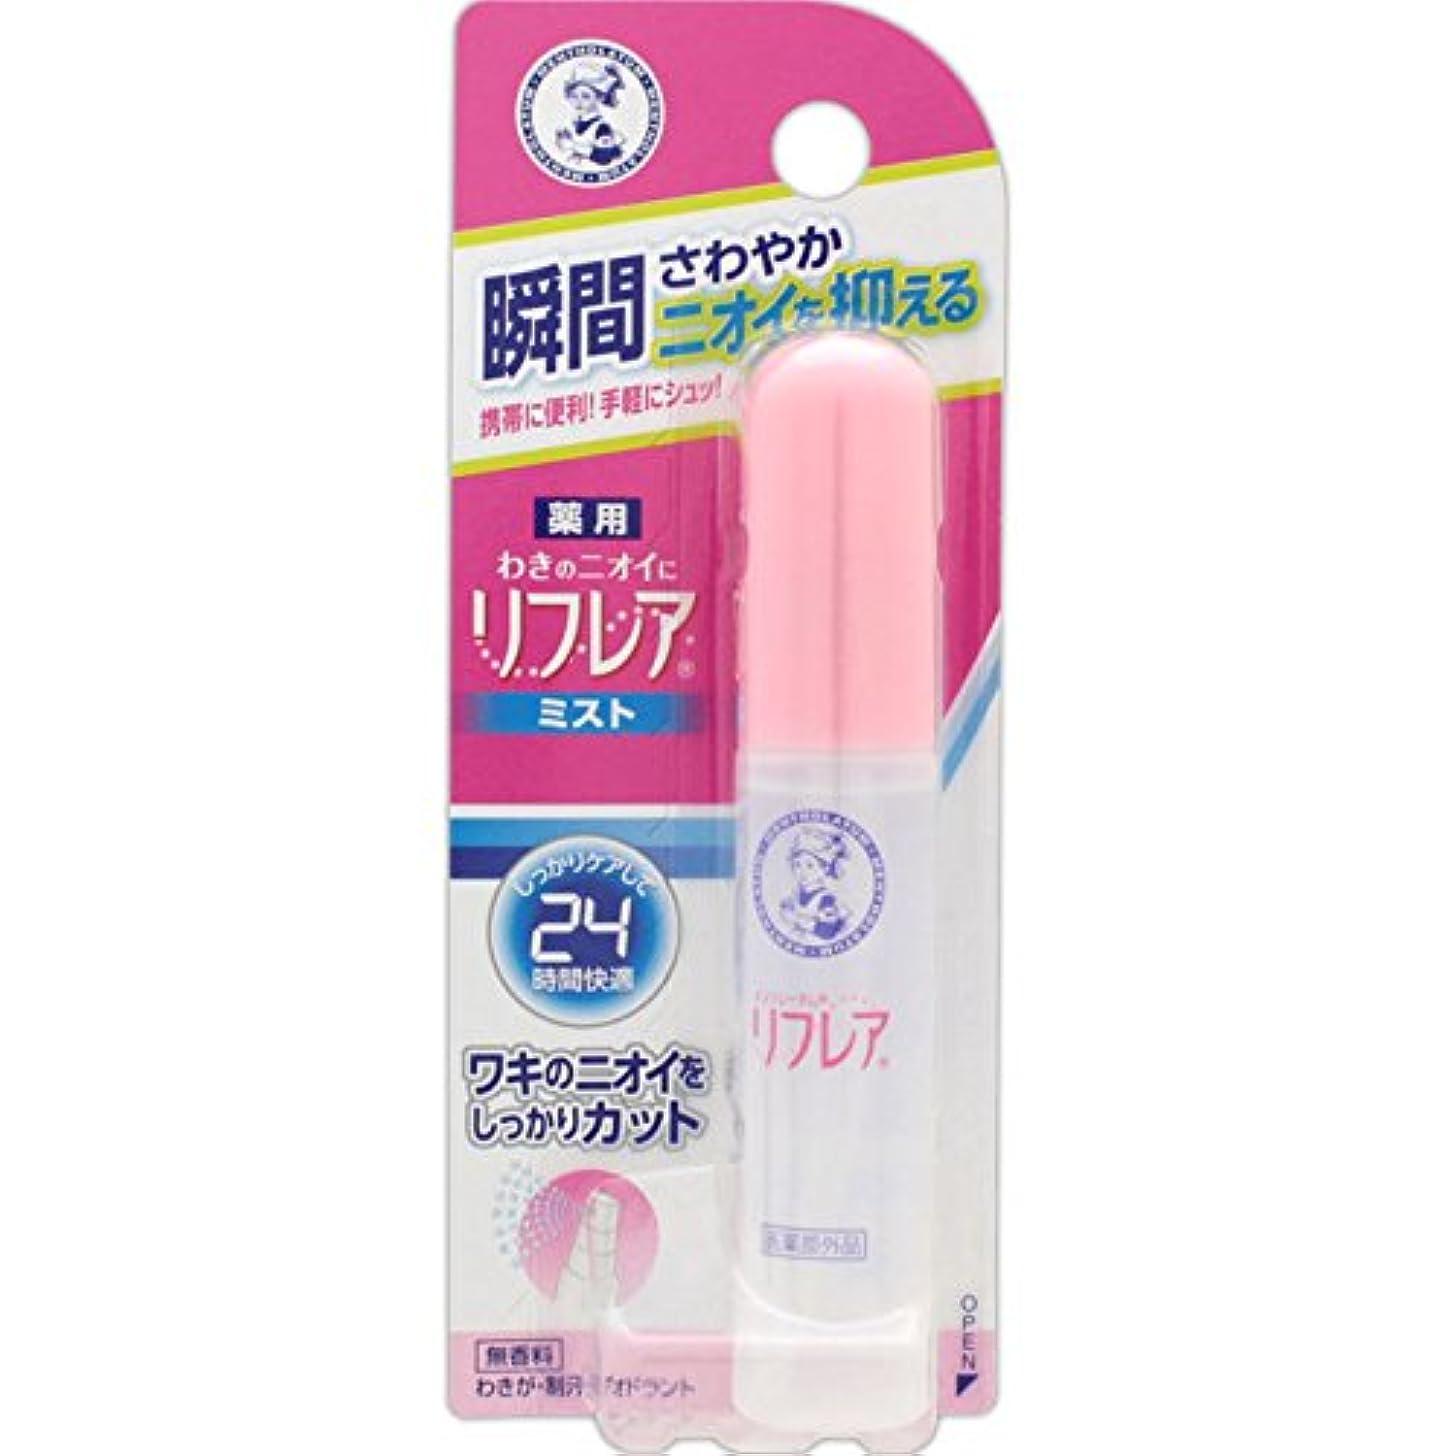 【医薬部外品】リフレア デオドラントミスト 15mL